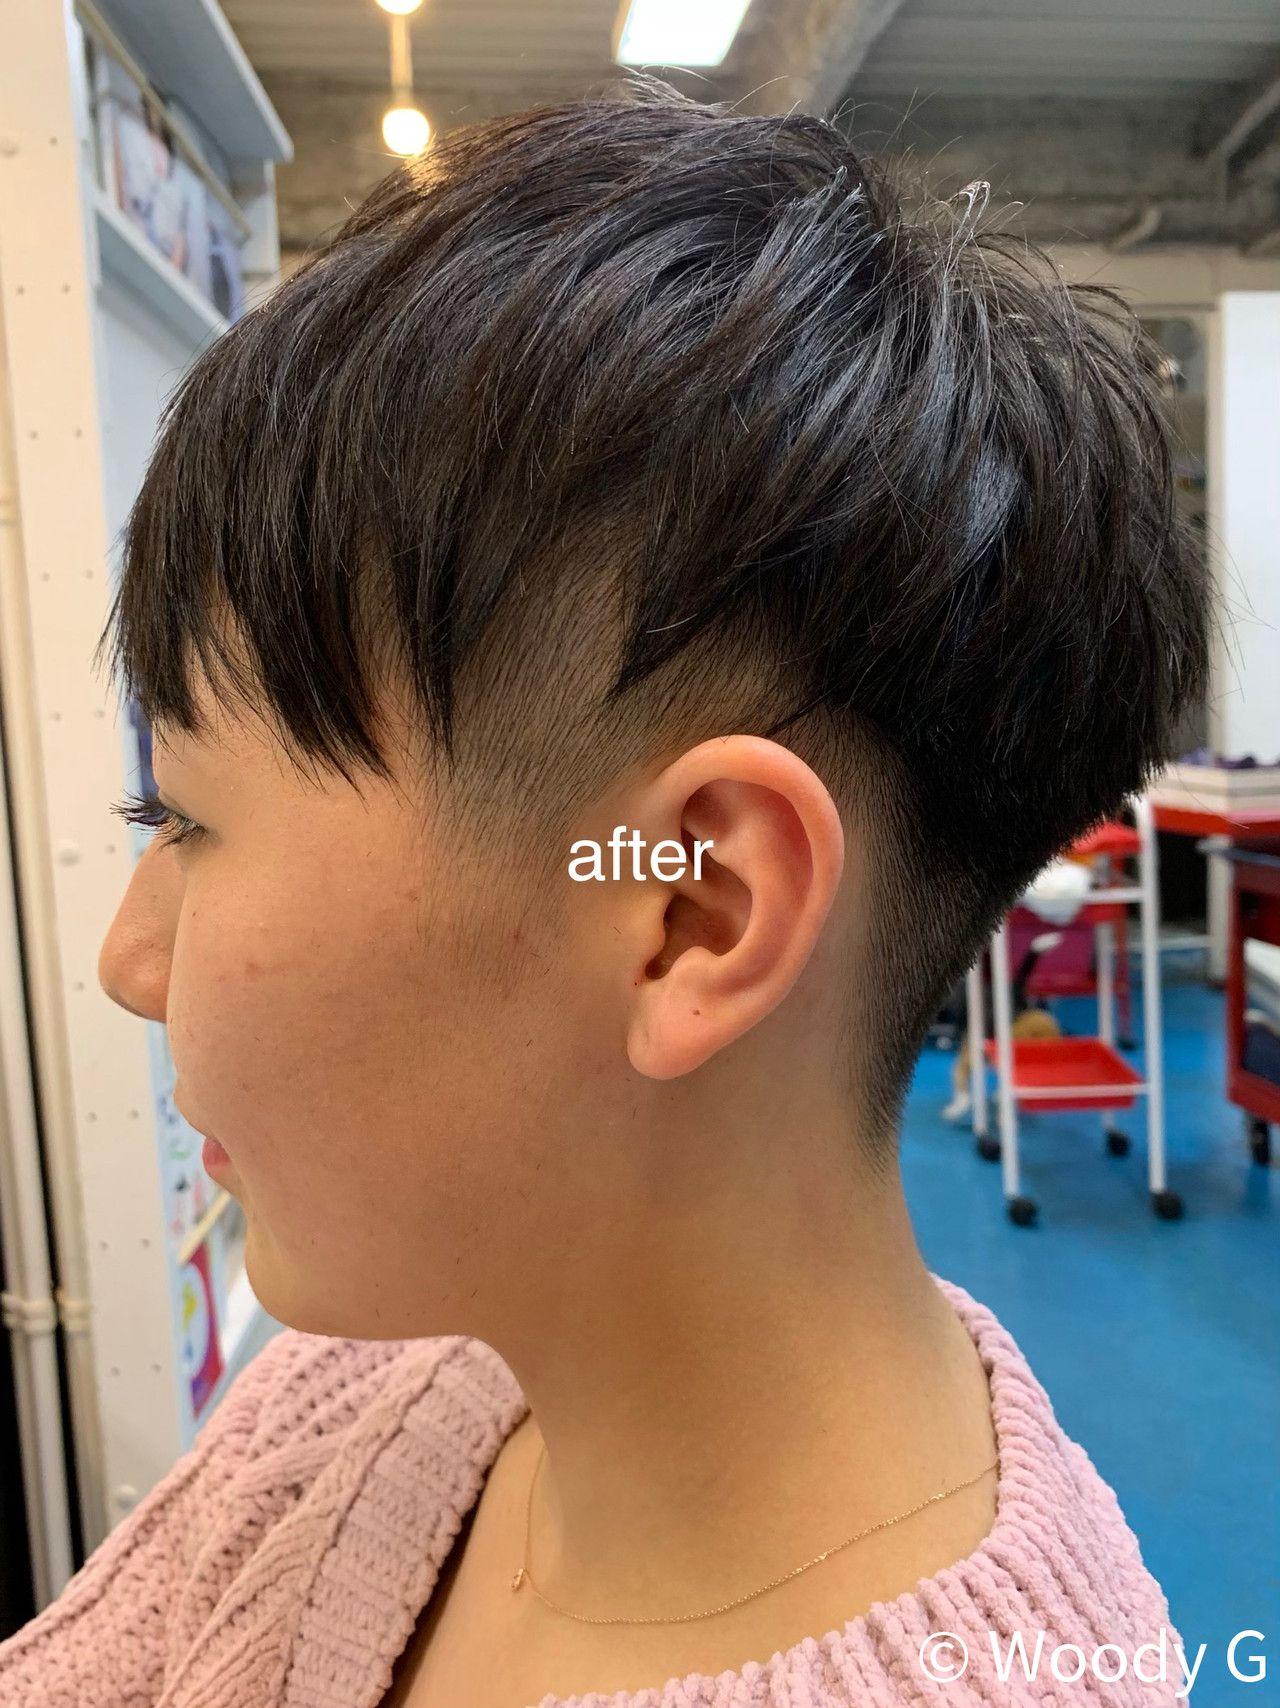 スポーツ ベリーショート 刈り上げ 女子ウケ G Woody G 449879 Hair 刈り上げ女子 ベリーショート 刈り上げ ショート 刈り上げ